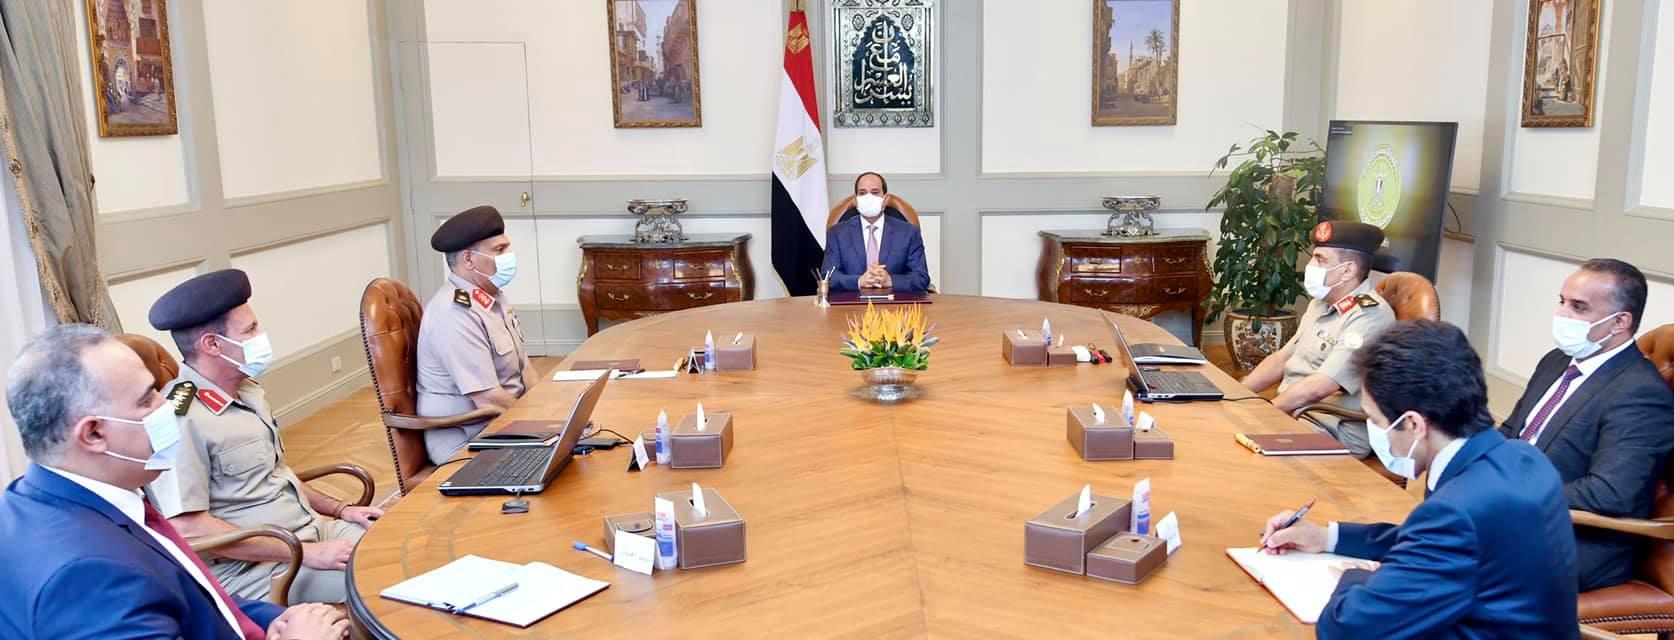 الرئيس السيسي يوجه بتطوير أضرحة «آل البيت» بشكل متكامل